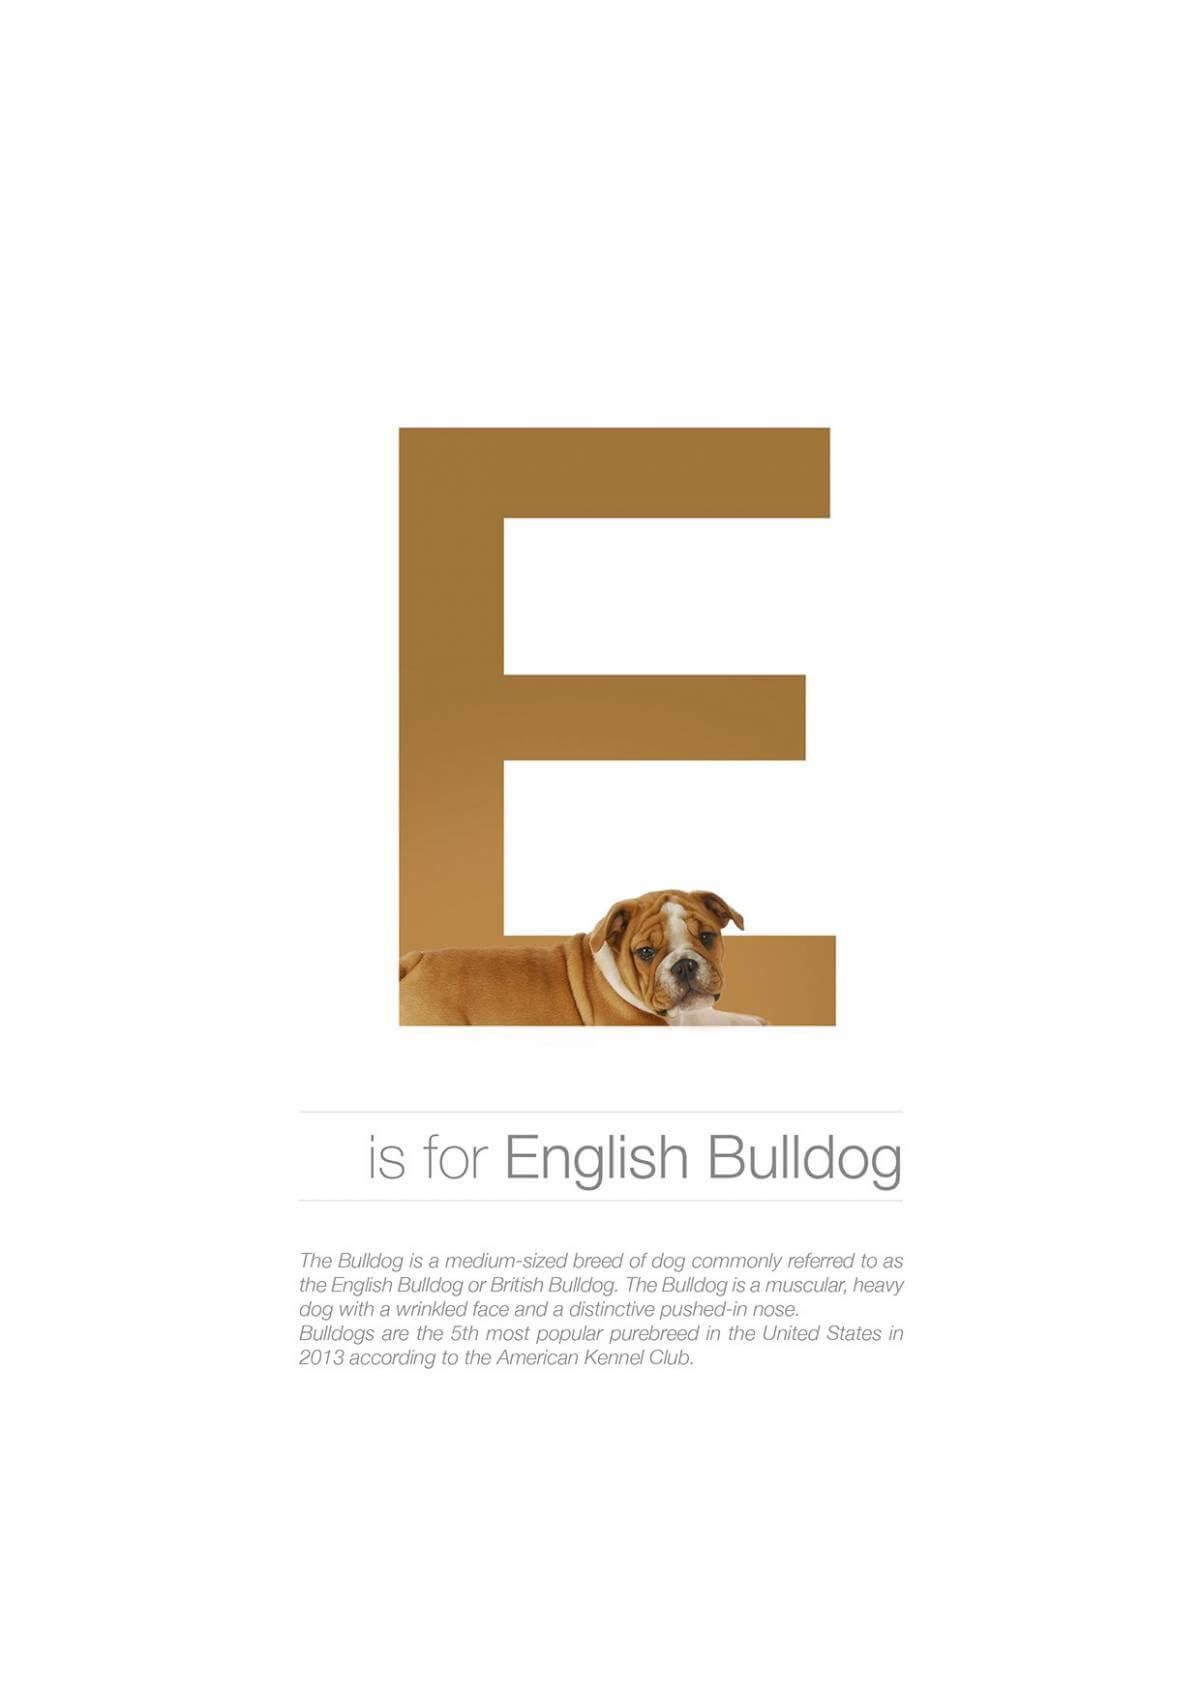 E ตัวอักษรกราฟฟิค A Z สายพันธุ์หมาไอเดียน่ารักจากดีไซน์เนอร์โรมาเนีย